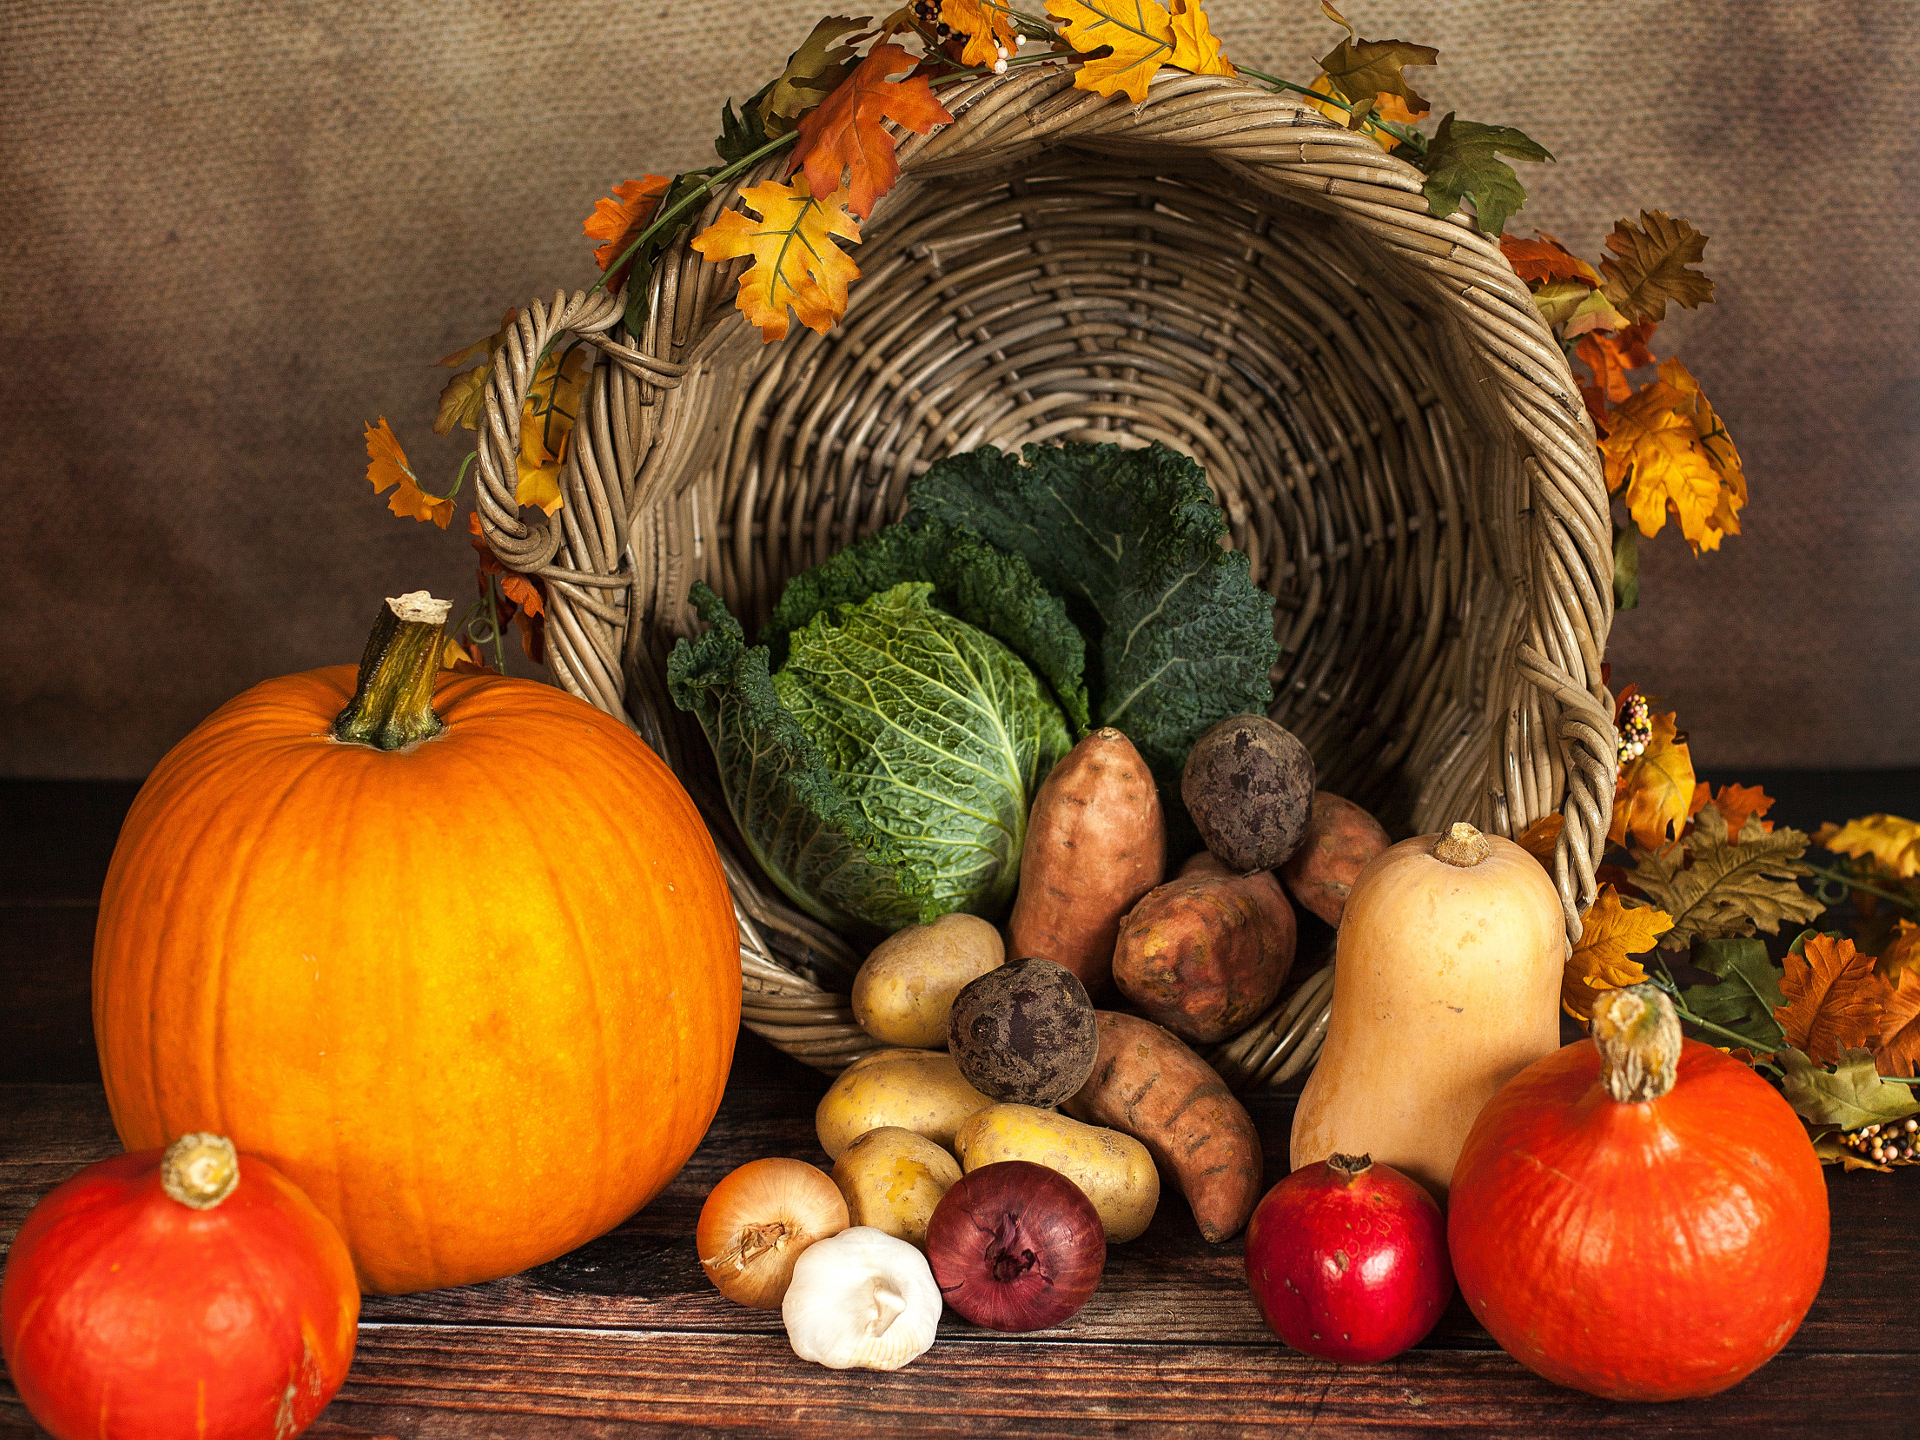 Die Fülle und Vielfalt der Ernte wird im Herbst so richtig schön sichtbar. - Photocredit: pixabay.com/Sabrina_Ripke_Fotografie